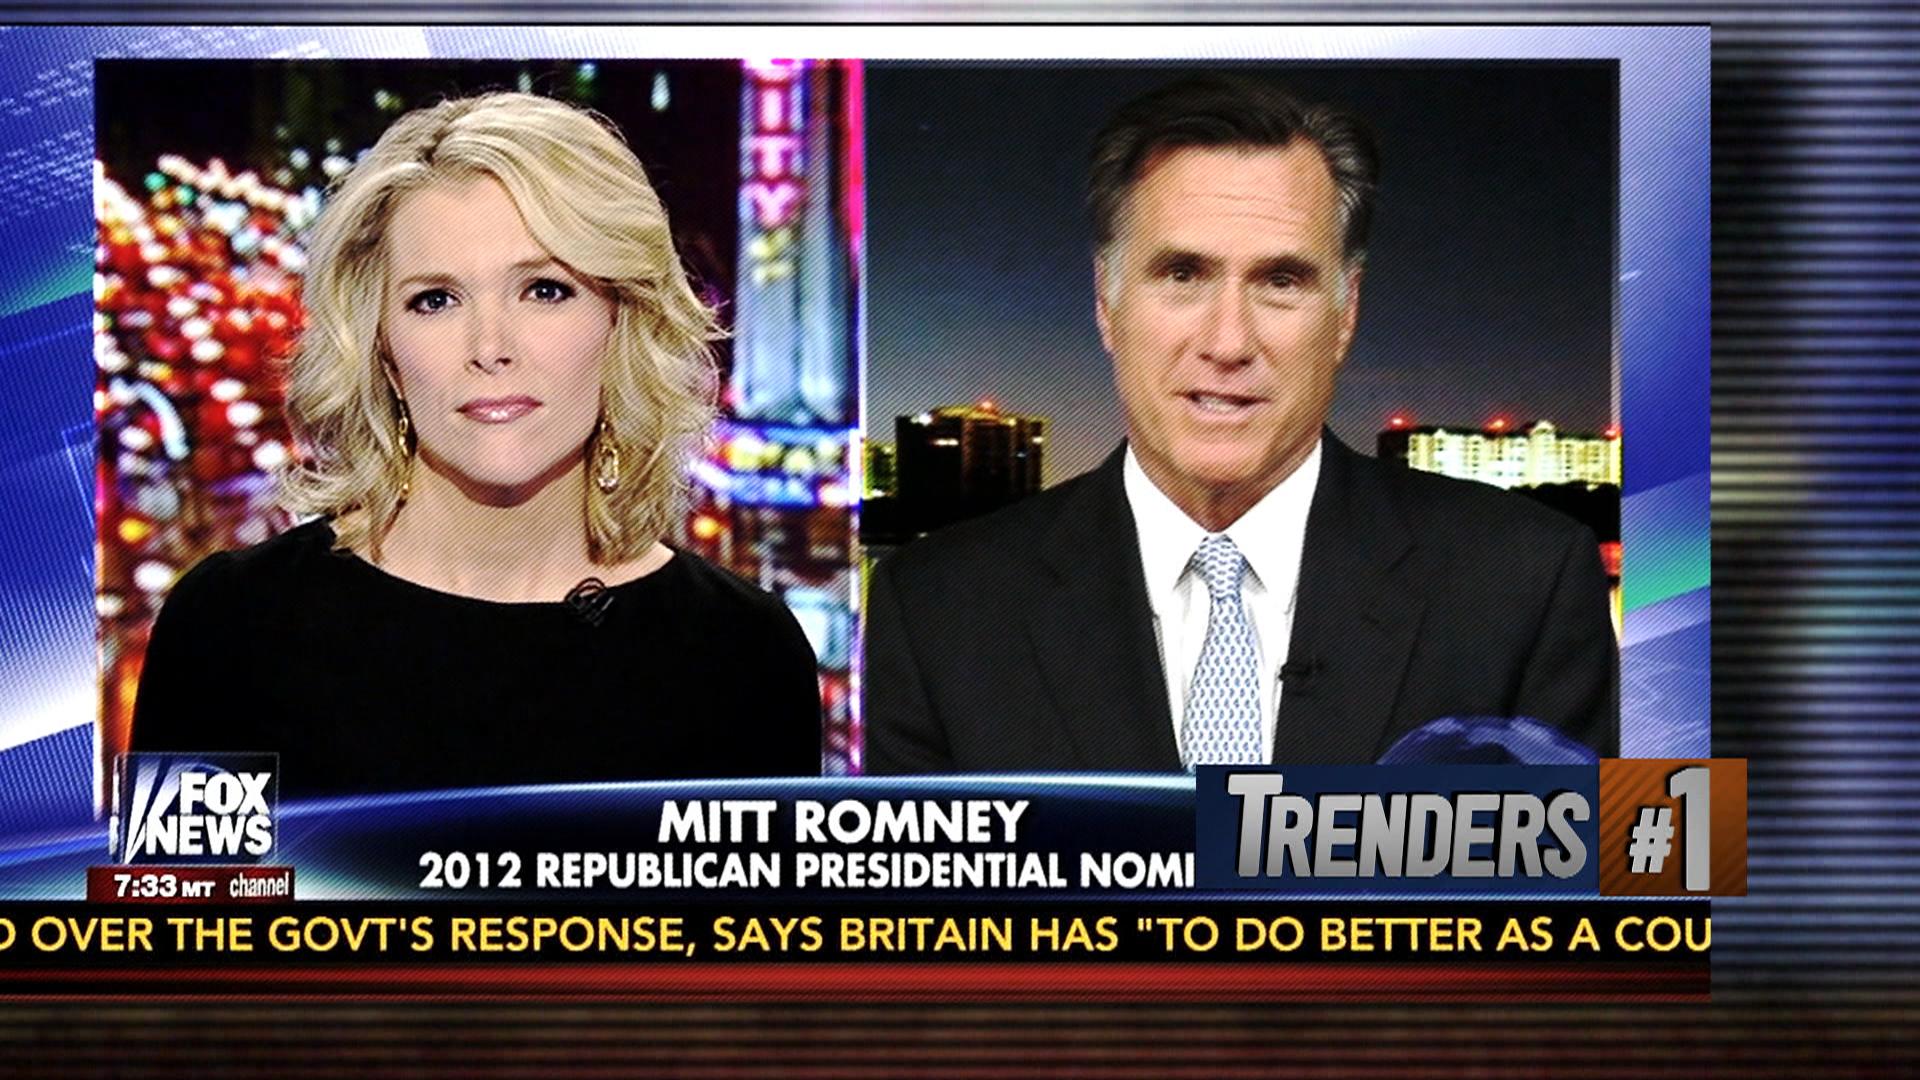 Romney attacks the president